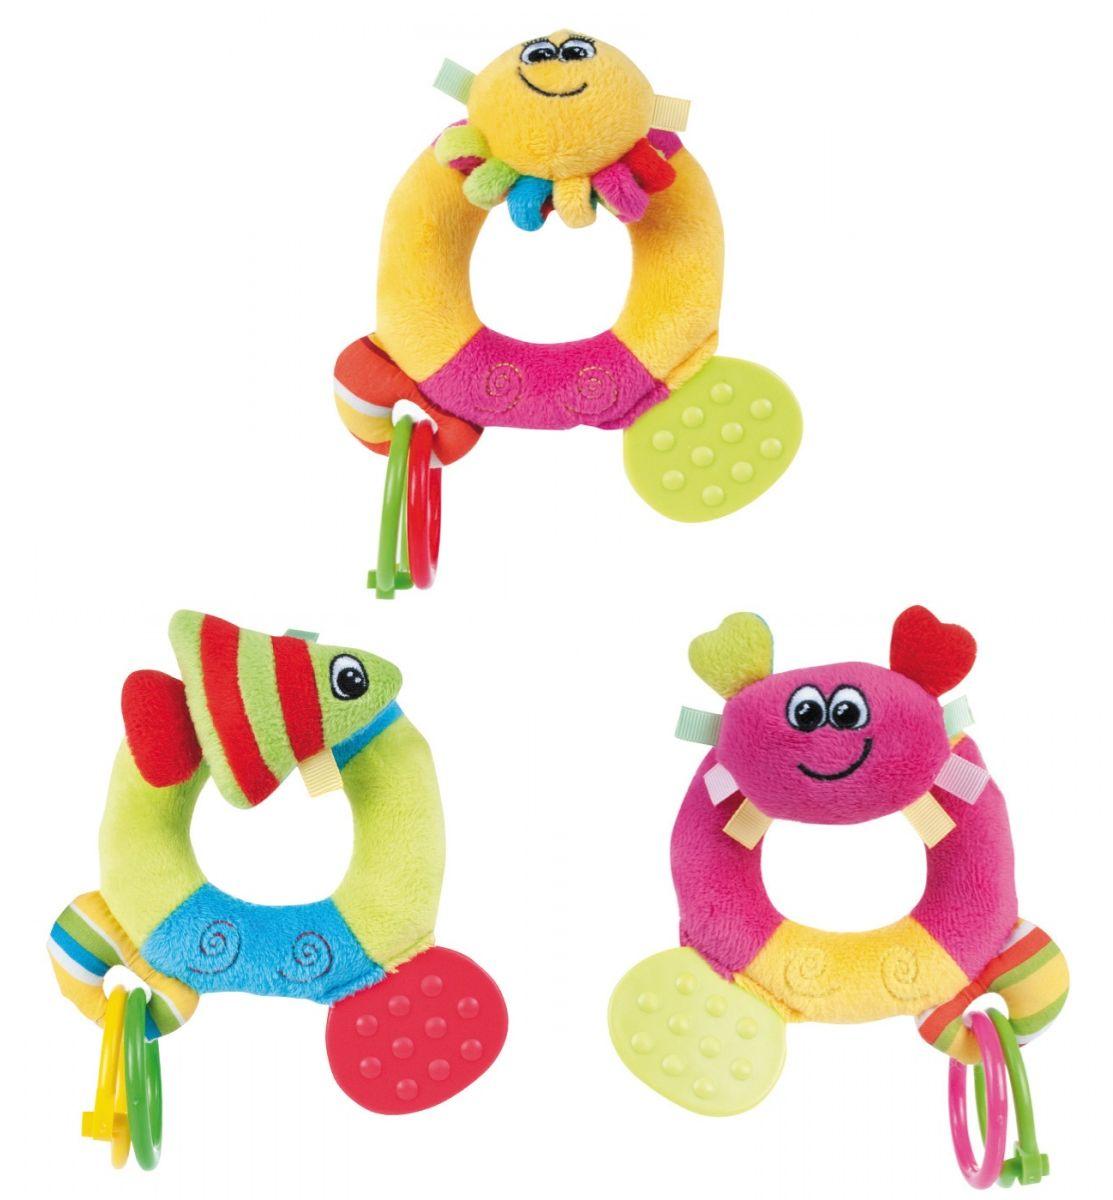 """Мягкая игрушка с прорезывателем """"Цветной океан"""" (плюшевая игрушка с игровыми элементами и встроенной погремушкой, дизайн """"Крабик"""", """"Рыбка"""", """"Осьминог""""), 68/015, """"Canpol babies"""""""